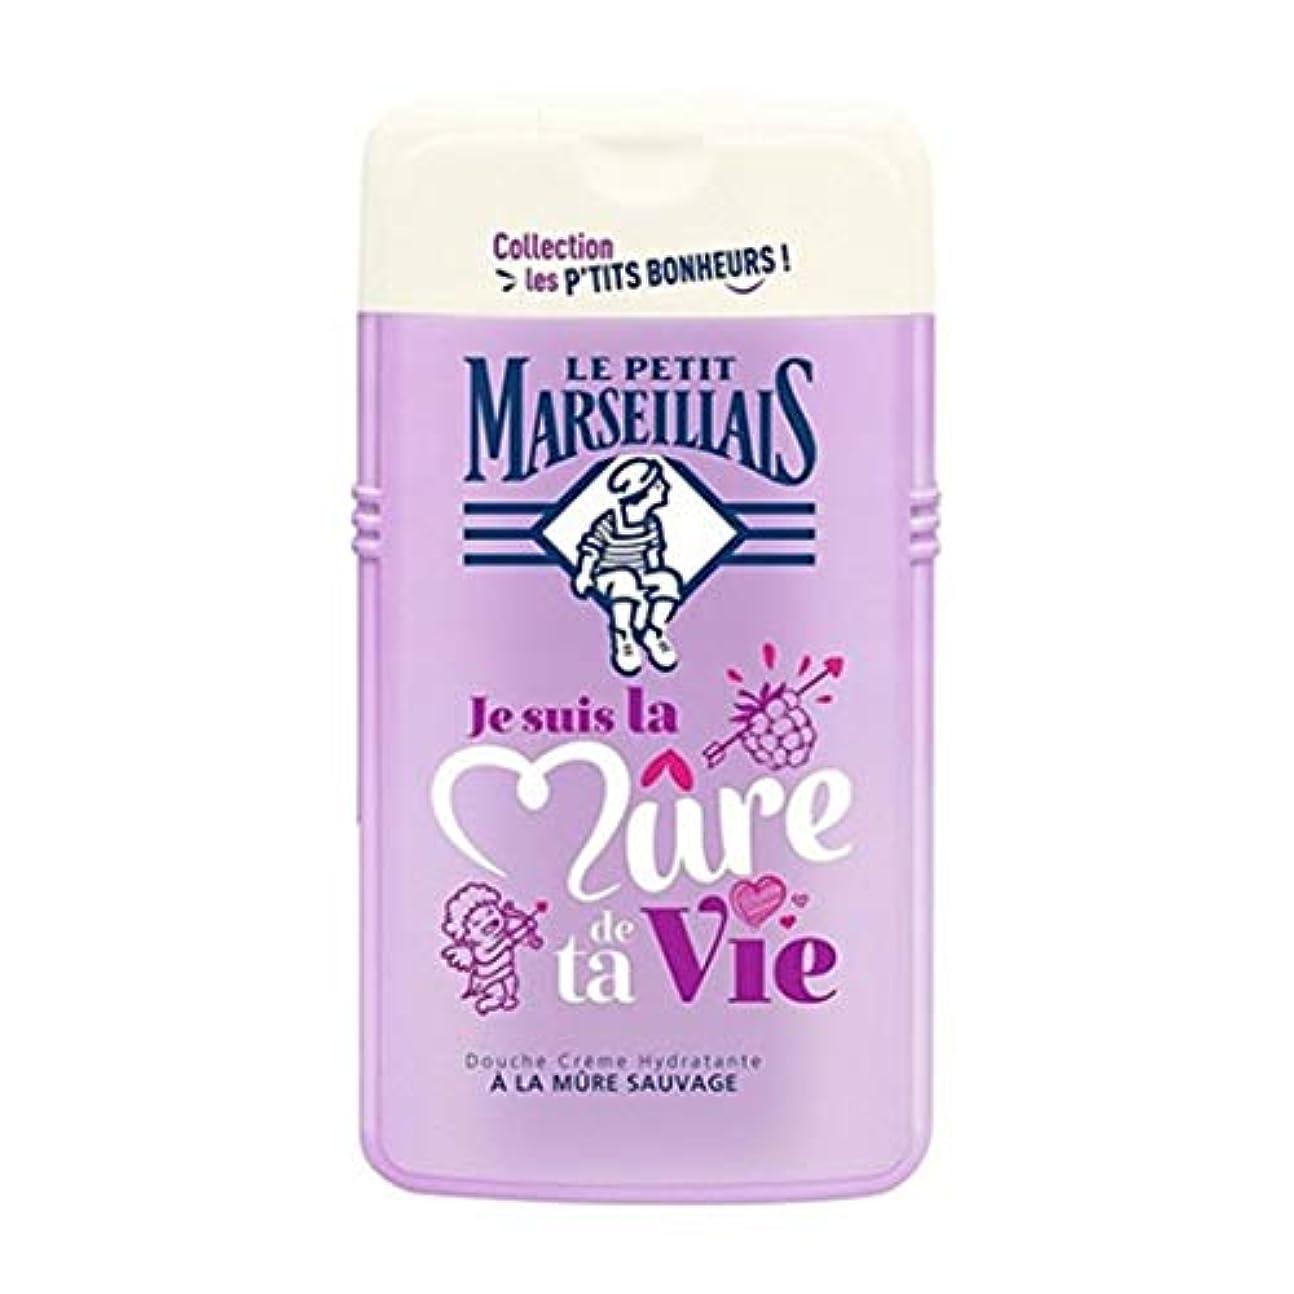 ポータブル後矢印「ブラックベリー」シャワークリーム ???? フランスの「ル?プティ?マルセイユ (Le Petit Marseillais)」 les P'TITS BONHEURS 250ml ボディウォッシュ